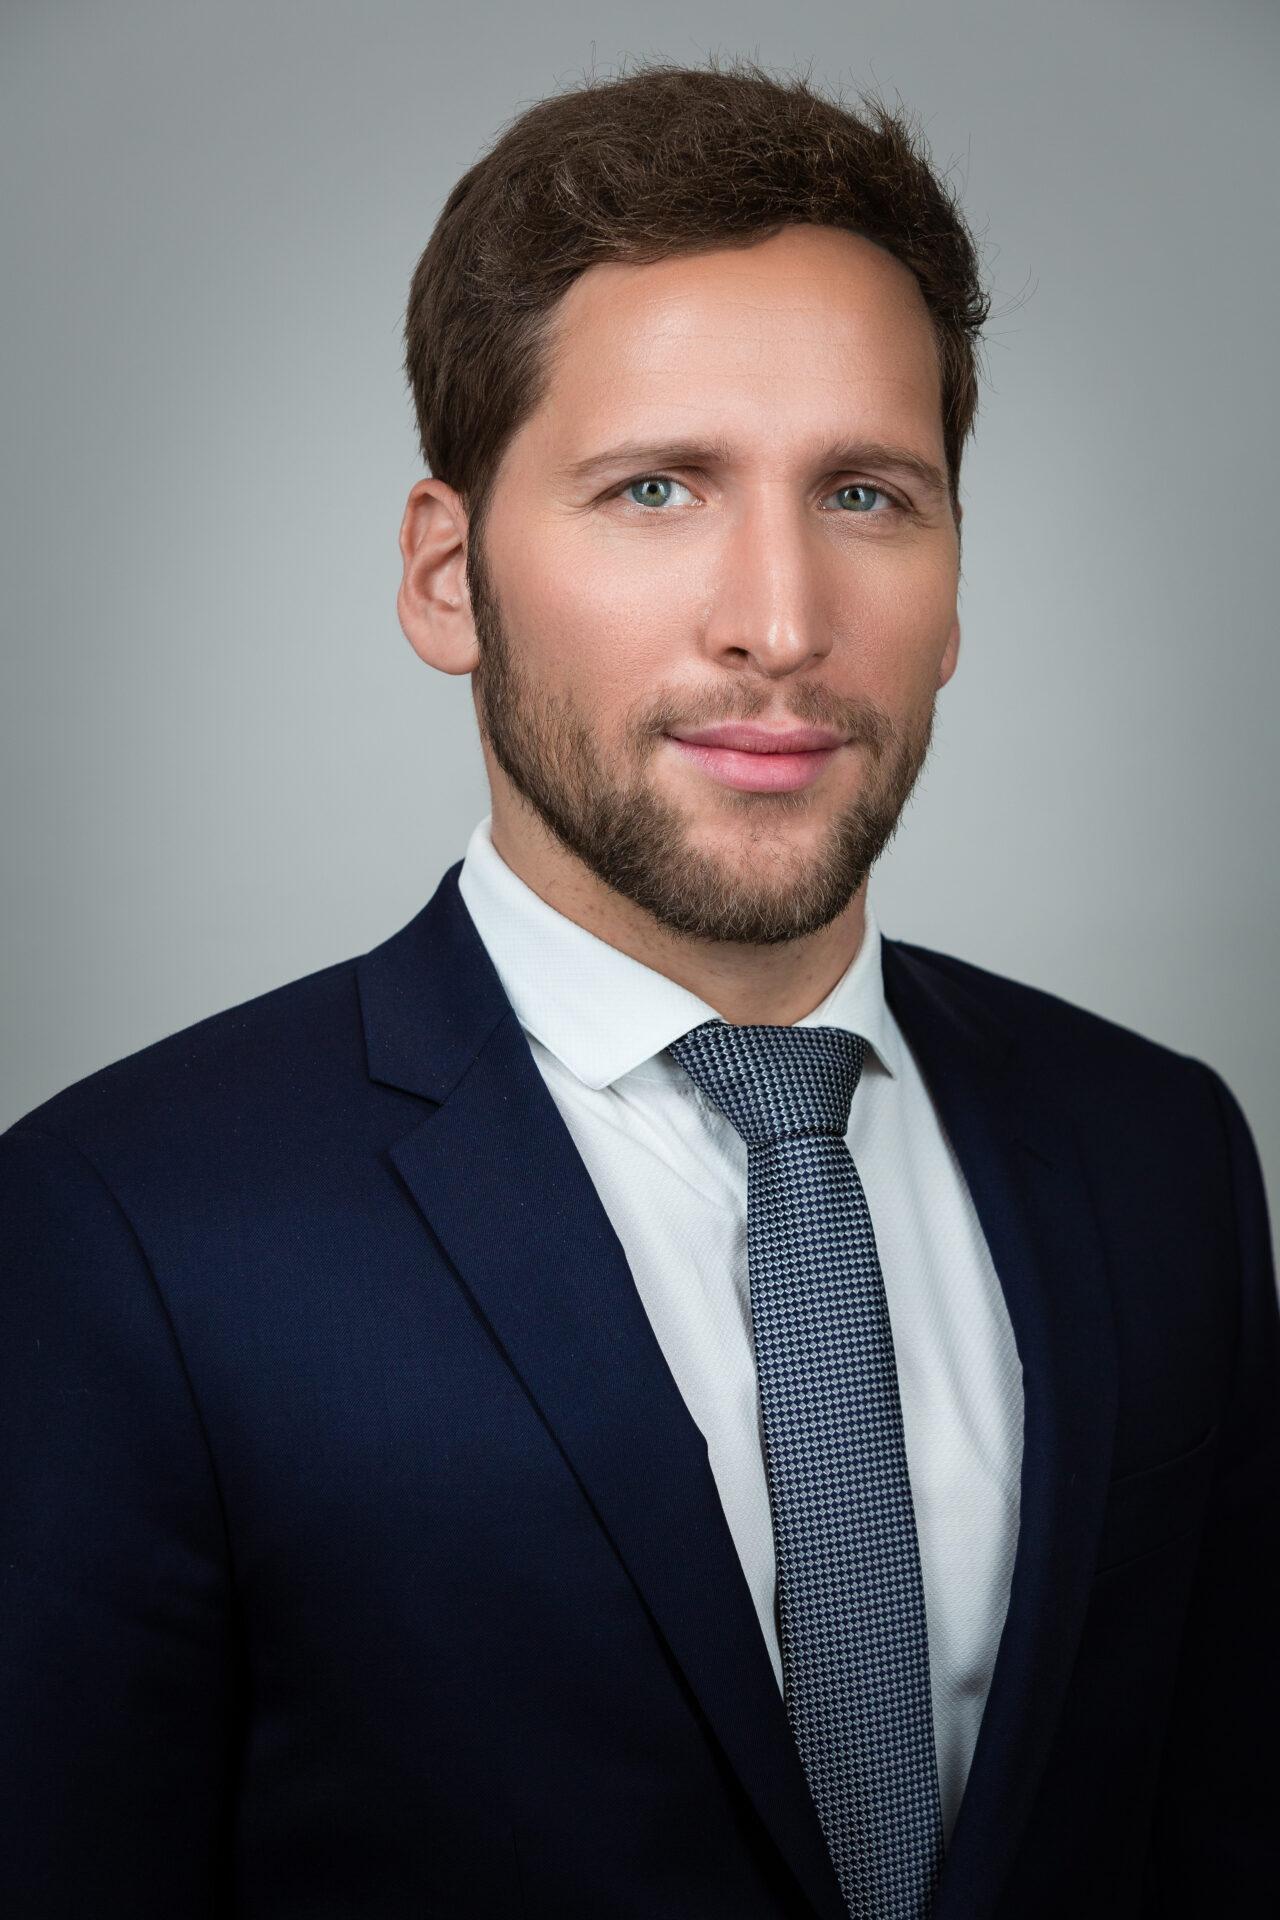 https://intelligent-investors.de/wp-content/uploads/2020/05/Ufuk-Boydak-1280x1920.jpg